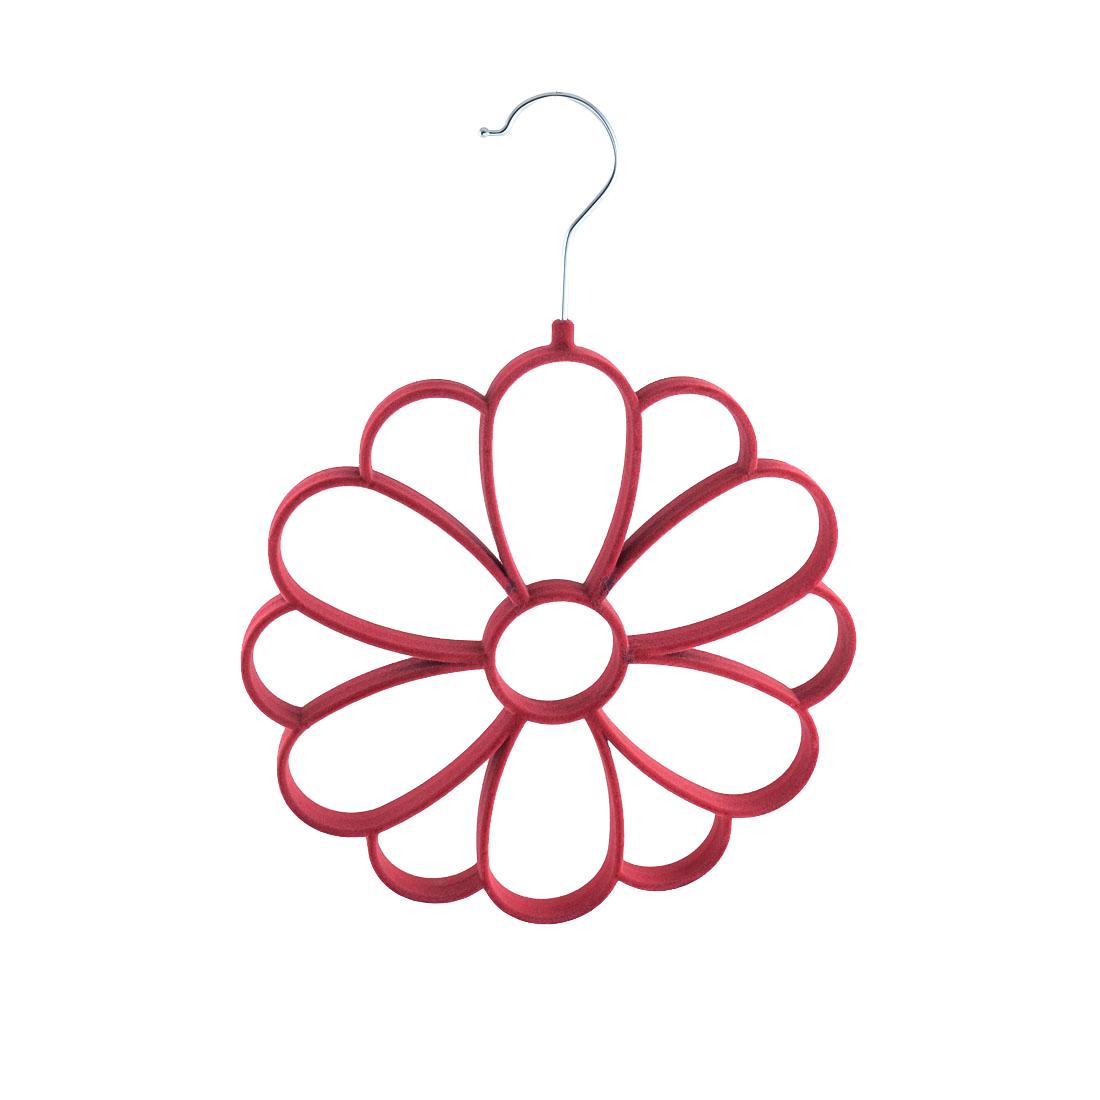 Household Velvet Chrysanthemum Shaped Necktie Belt Scarf Holder Rack Organizer Fuchsia